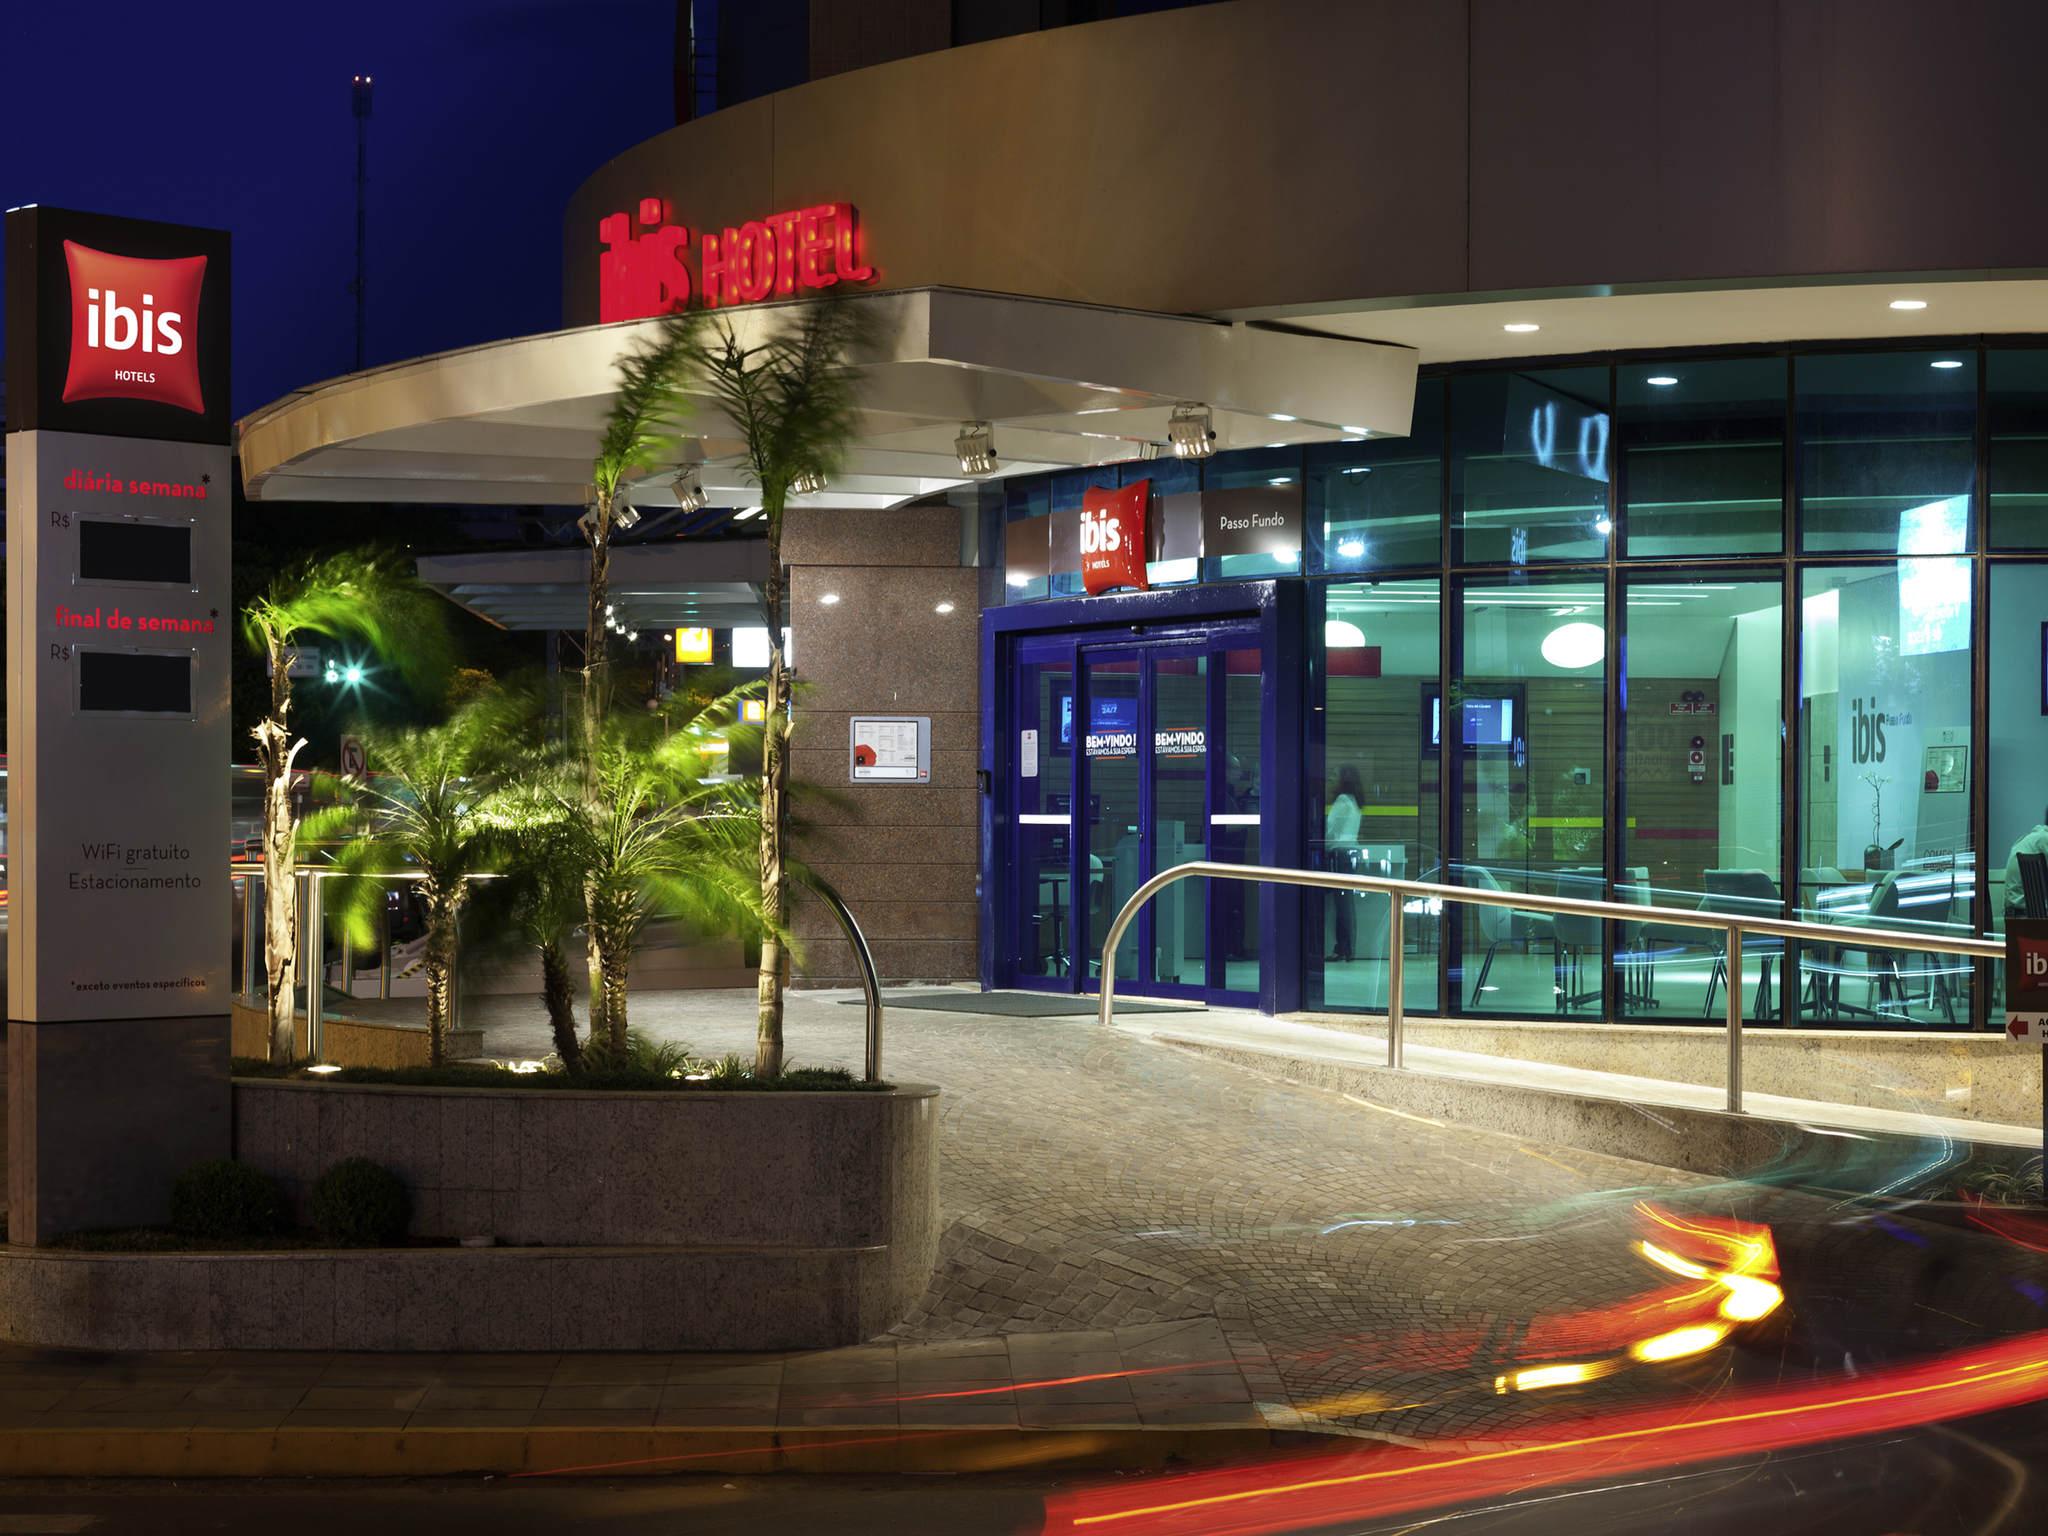 酒店 – ibis Passo Fundo Shopping